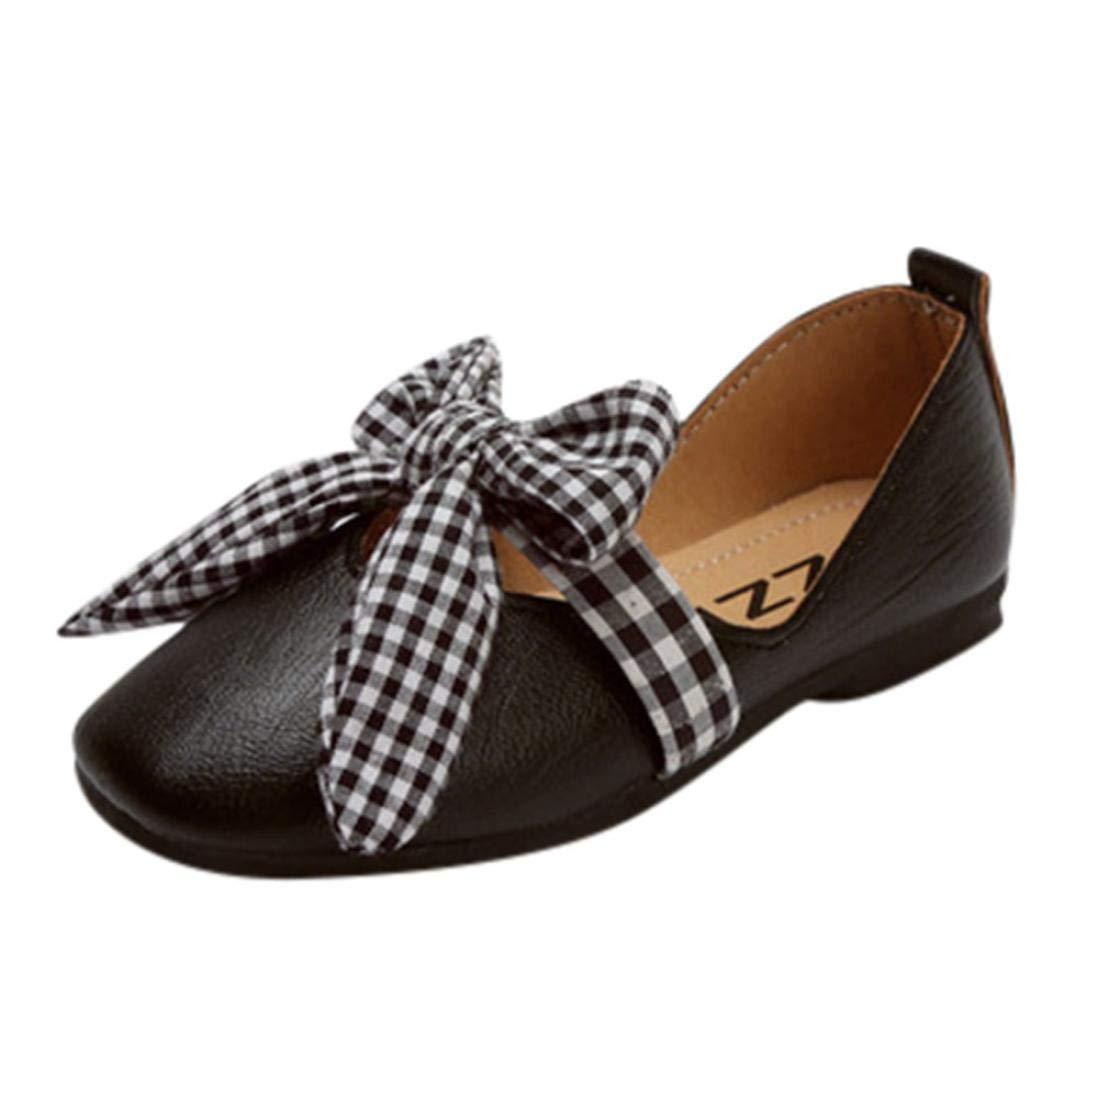 Ballerine Bambina Eleganti Sneaker Scarpe di Pelle Scarpe Casual Festa  Bimba Primigi Primavera 32ade9dfa92